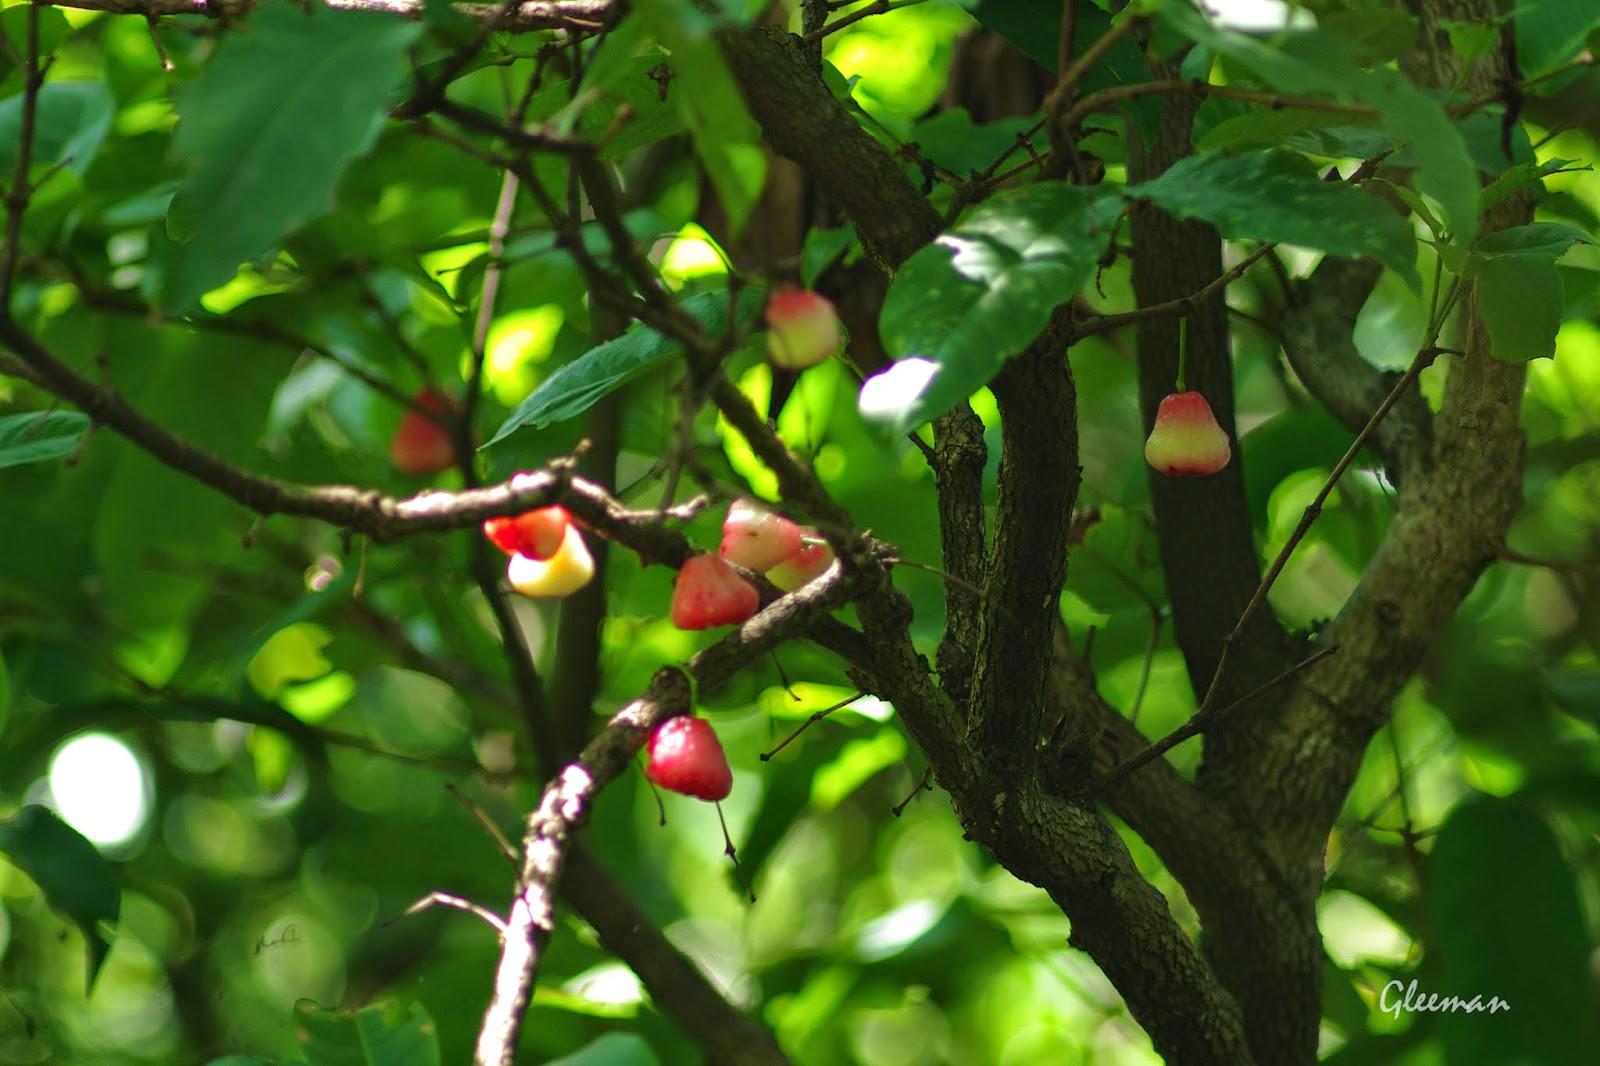 雞南山步道上有好幾株蓮霧樹已結滿了豐碩的果實